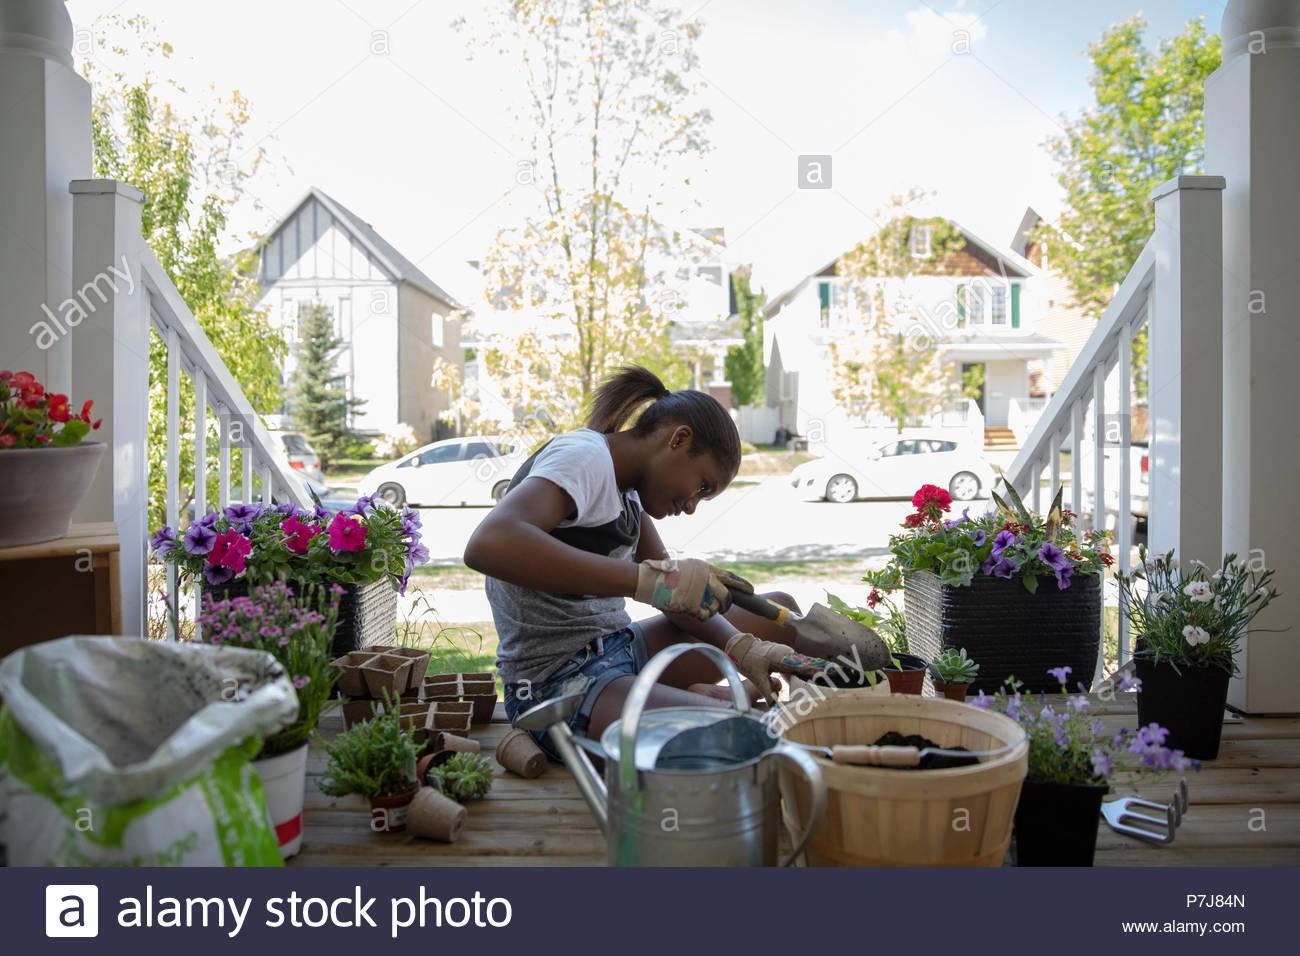 Tween girl potting piante e fiori sulla parte anteriore stoop Immagini Stock